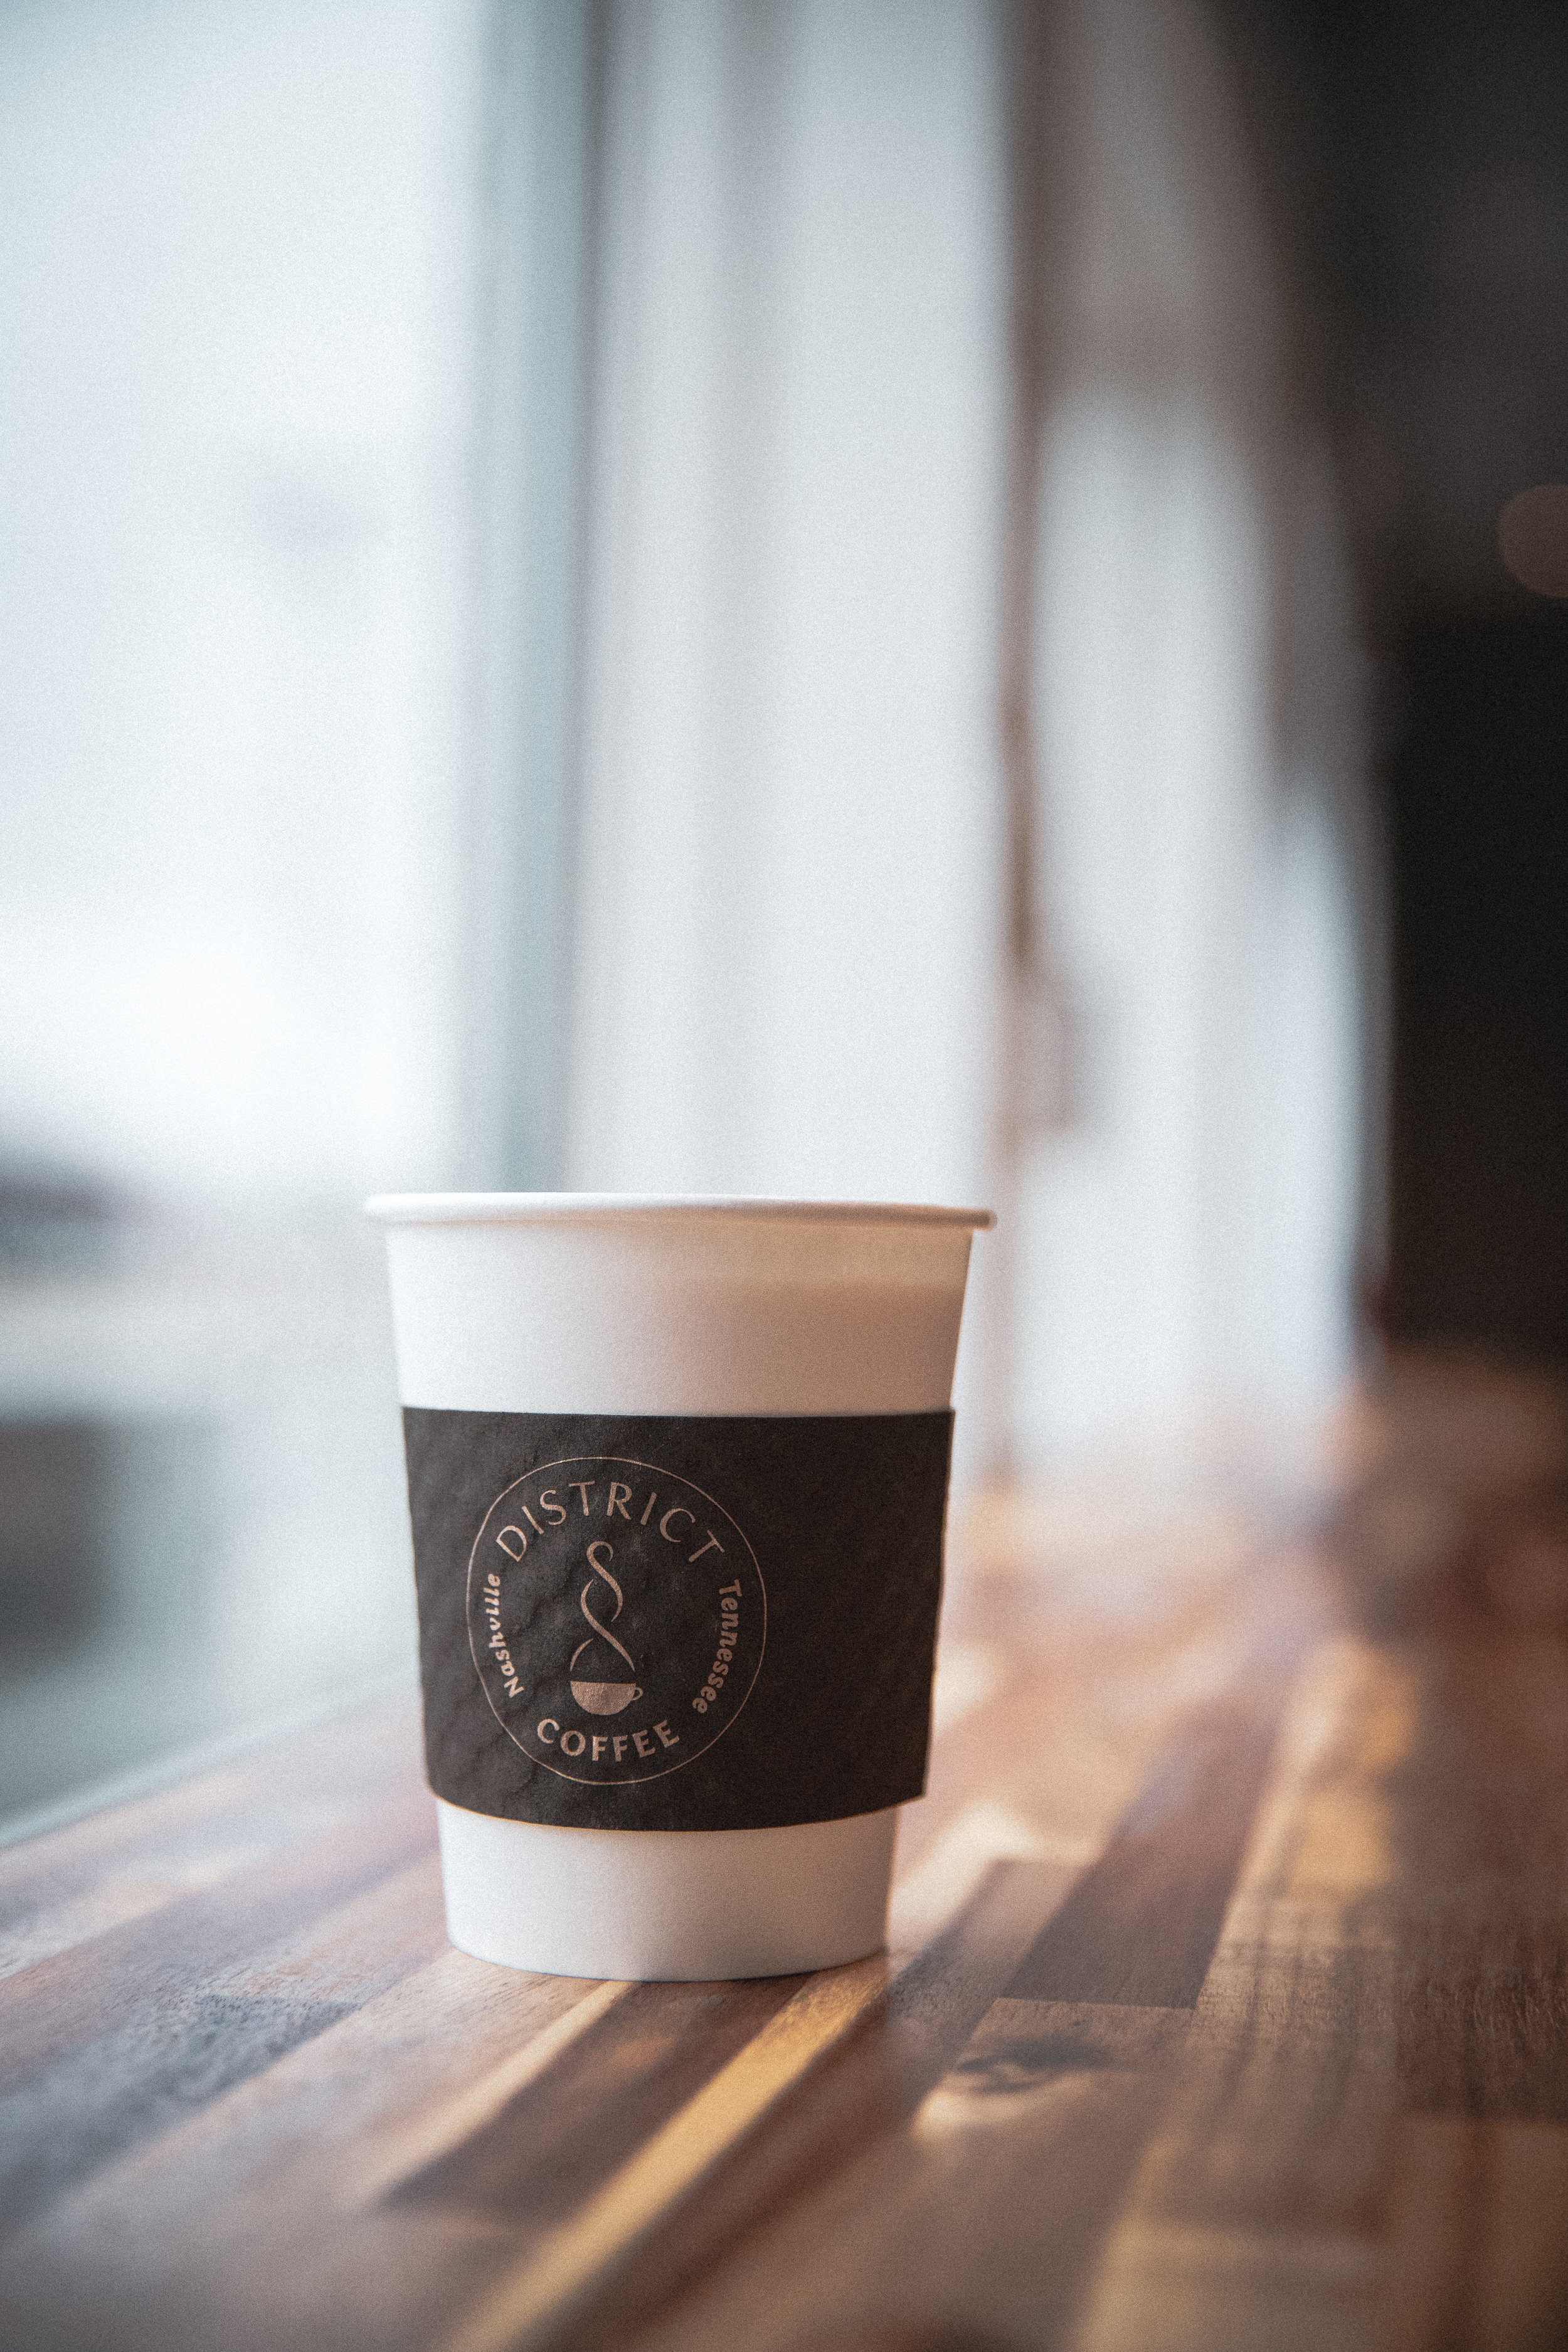 coffeeshop-photography-9I0552.jpg